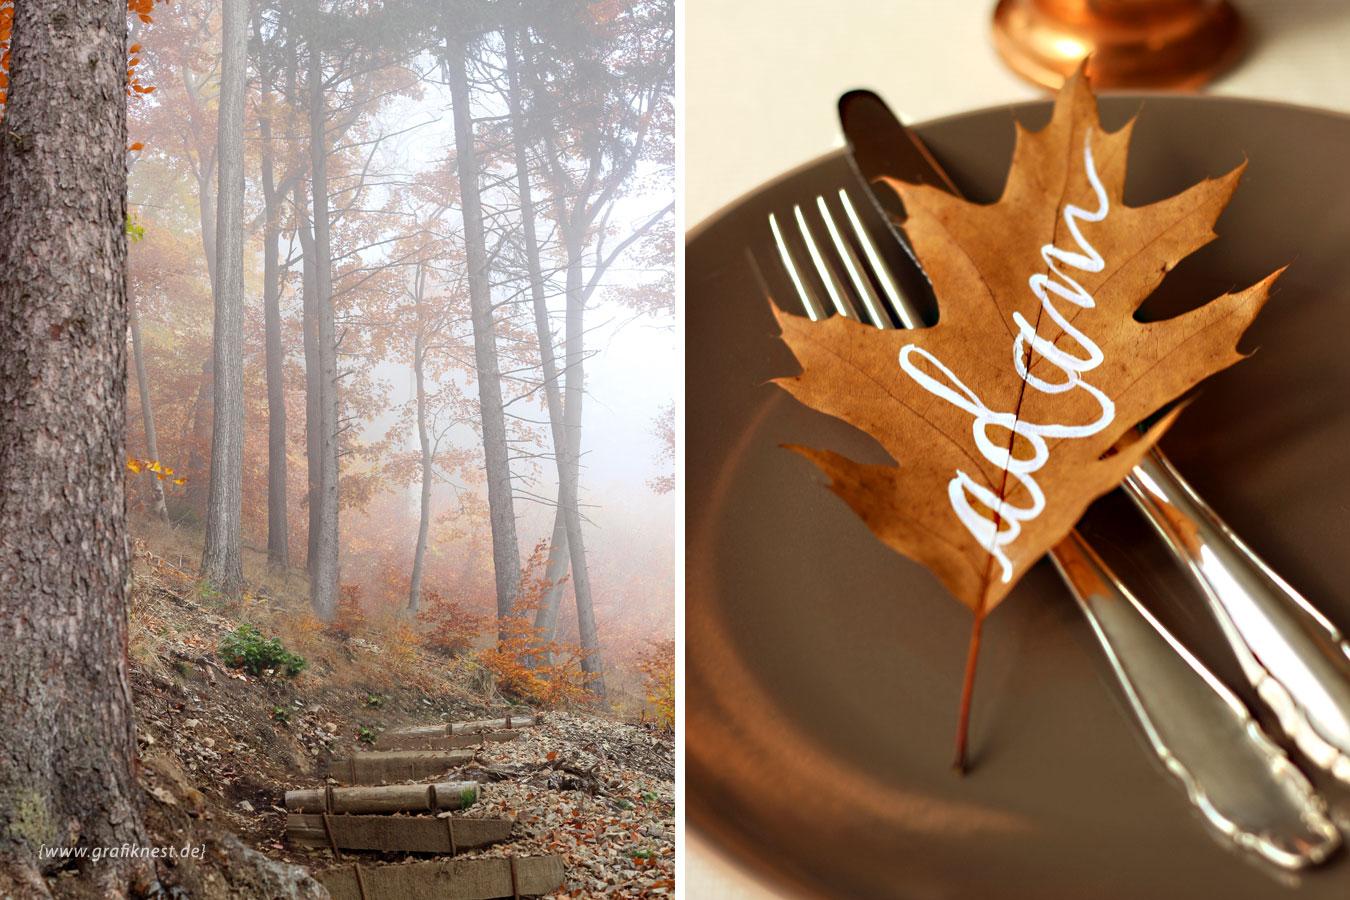 Herbst Wald Impression mit Namen auf Laub geschrieben